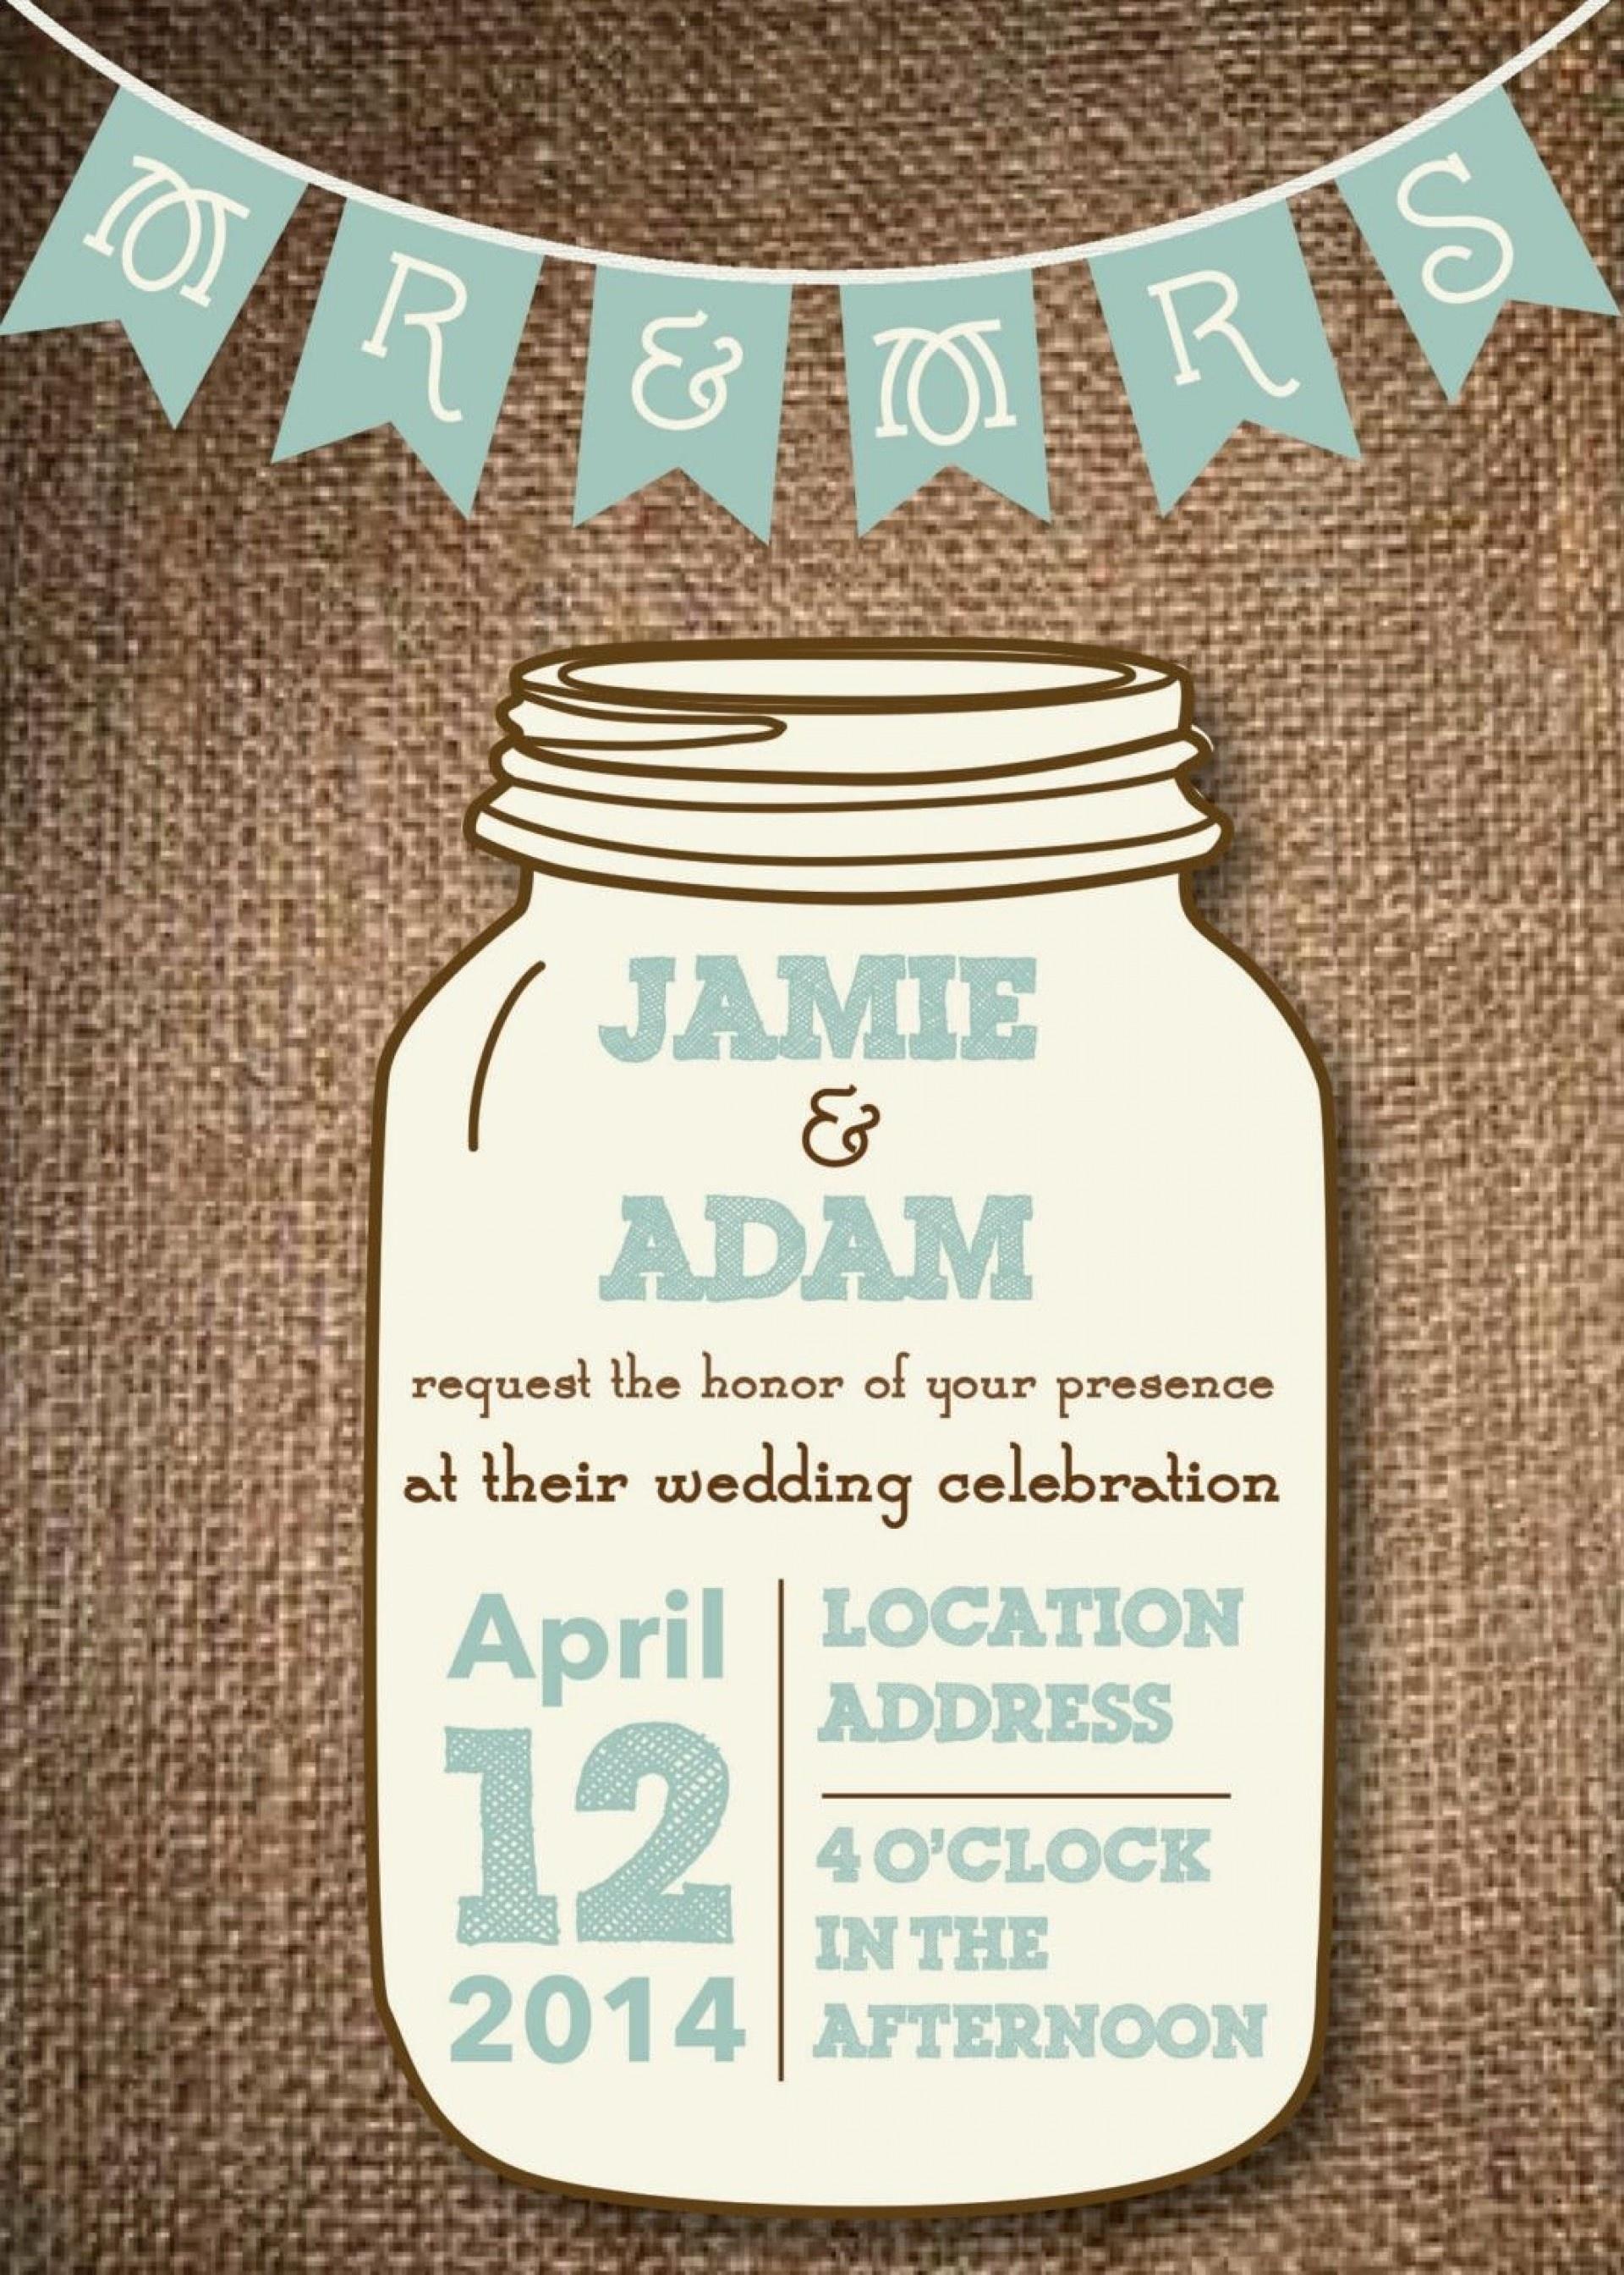 010 Mason Jar Invitation Template Ideas Outstanding Rustic Wedding - Free Mason Jar Wedding Invitation Printable Templates